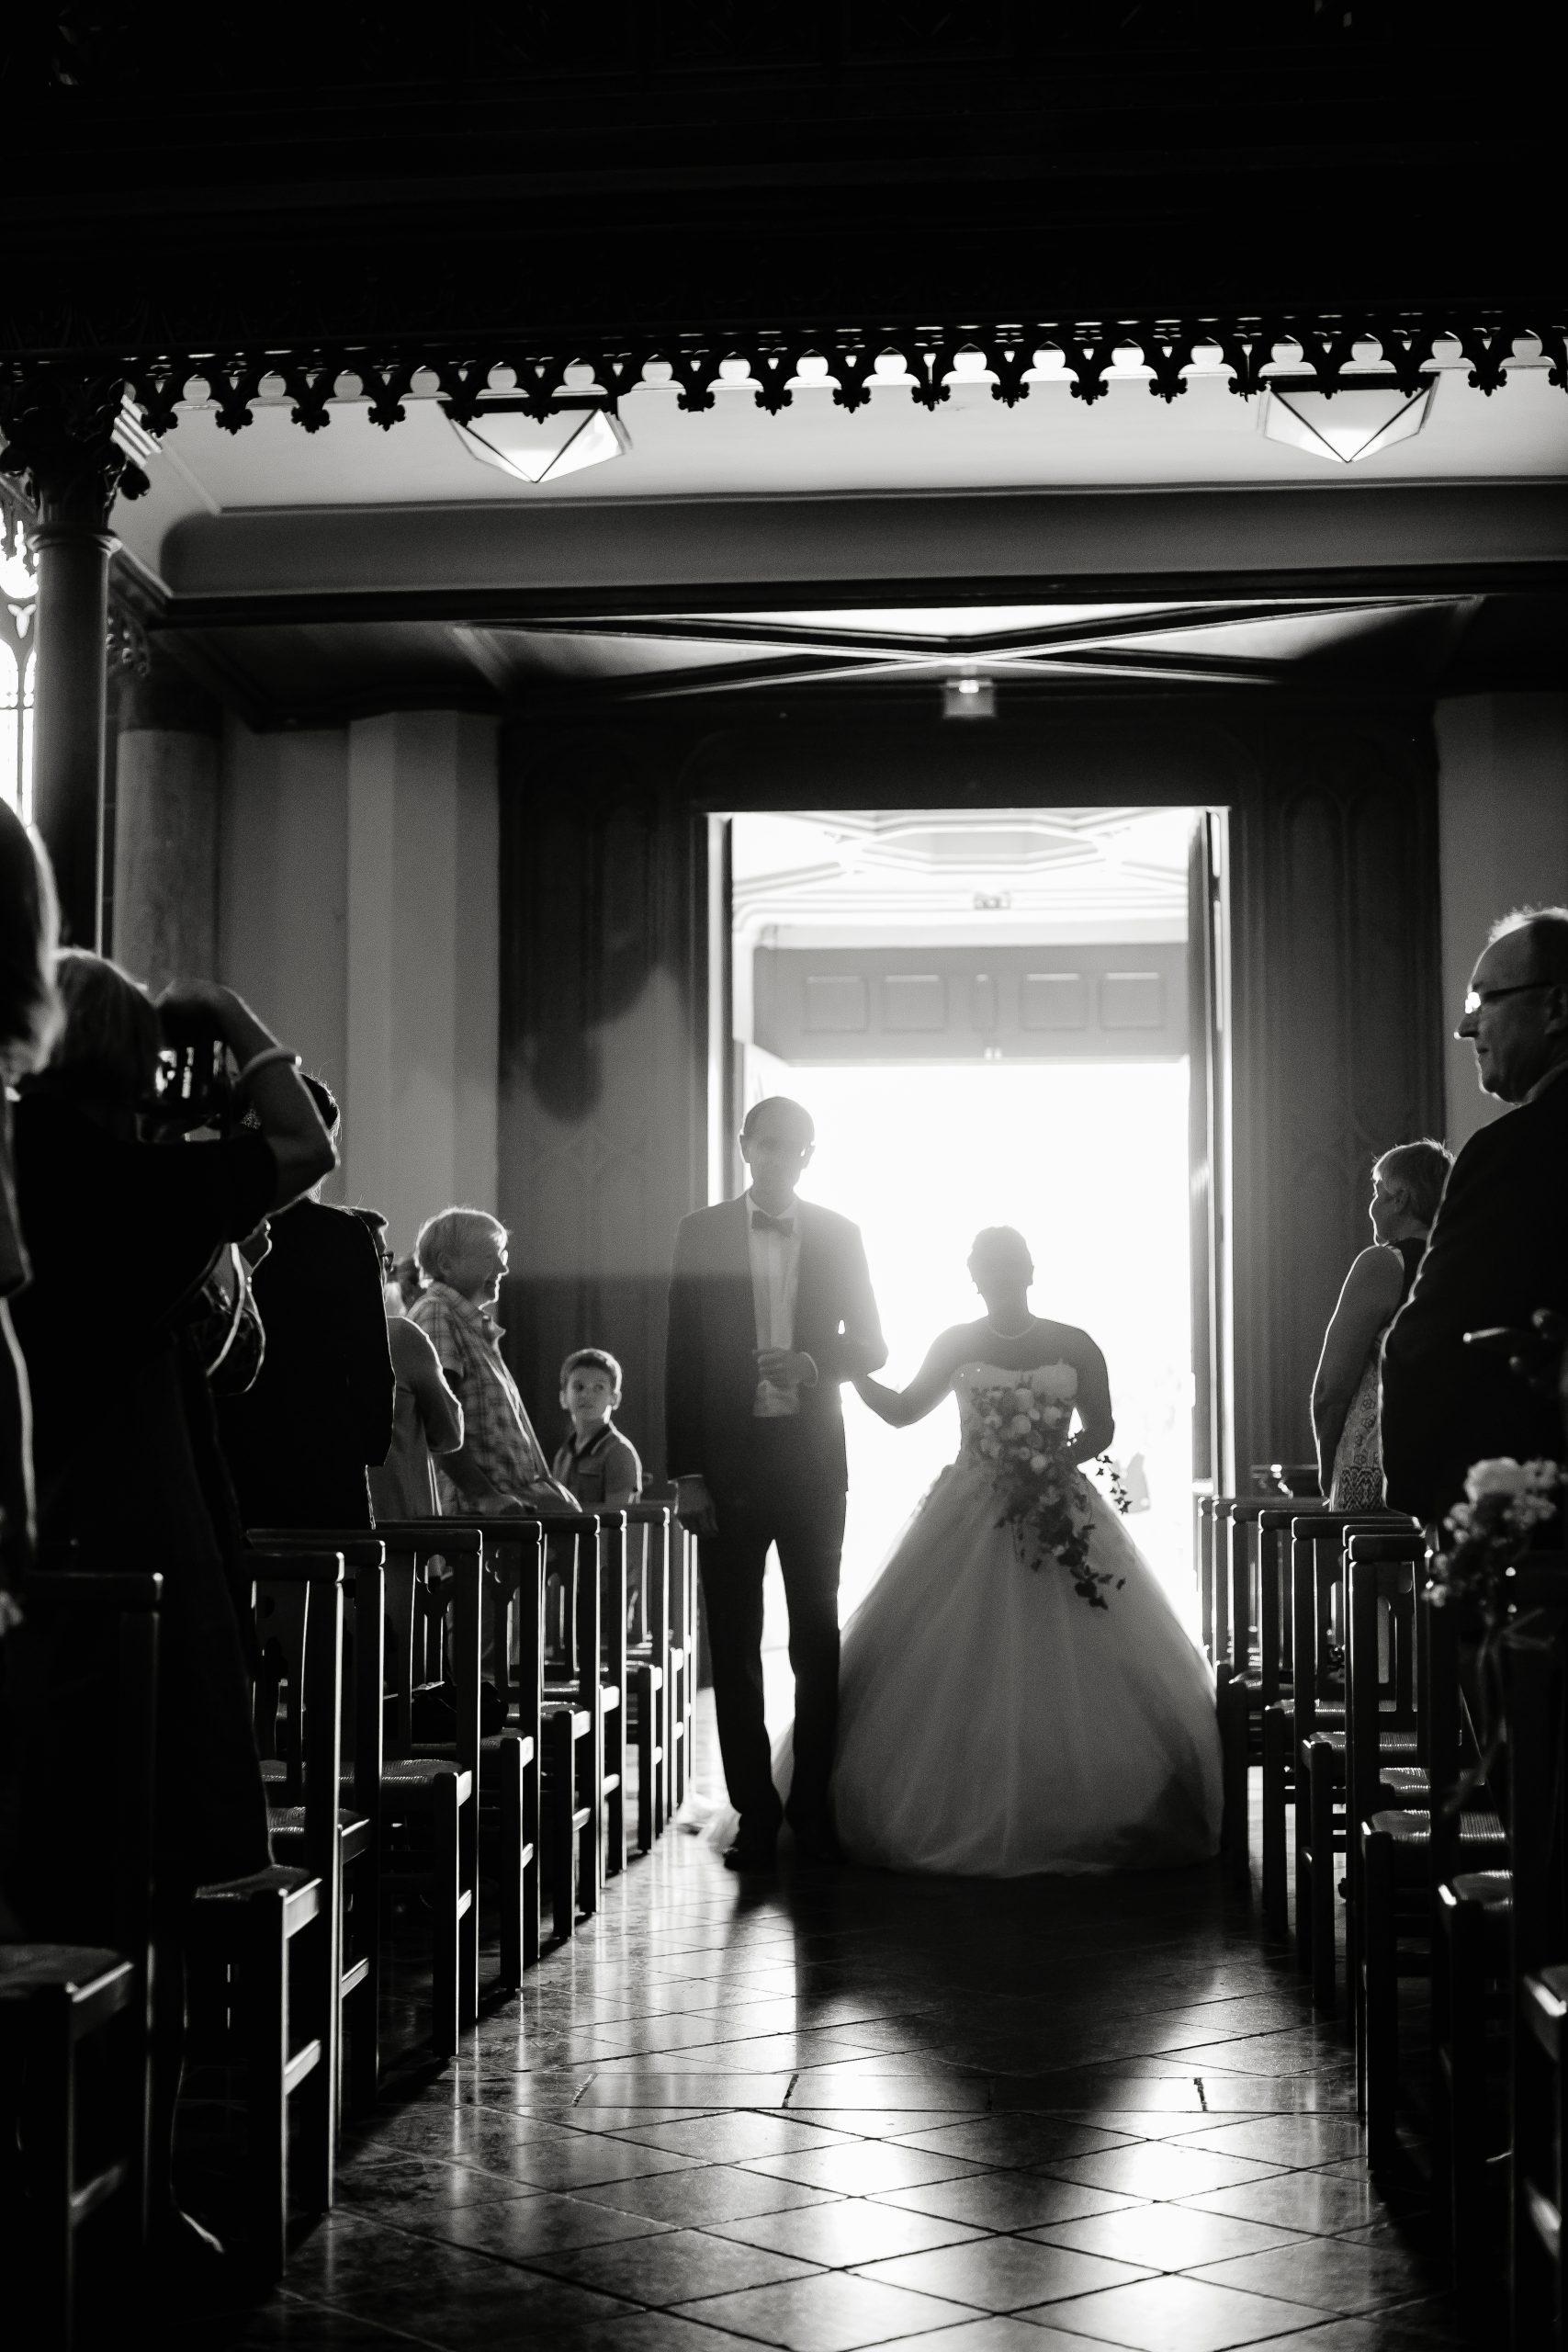 Mariage-Virginie M. Photos-couple-photos-union-amour-Croix-photographe Lille (74)